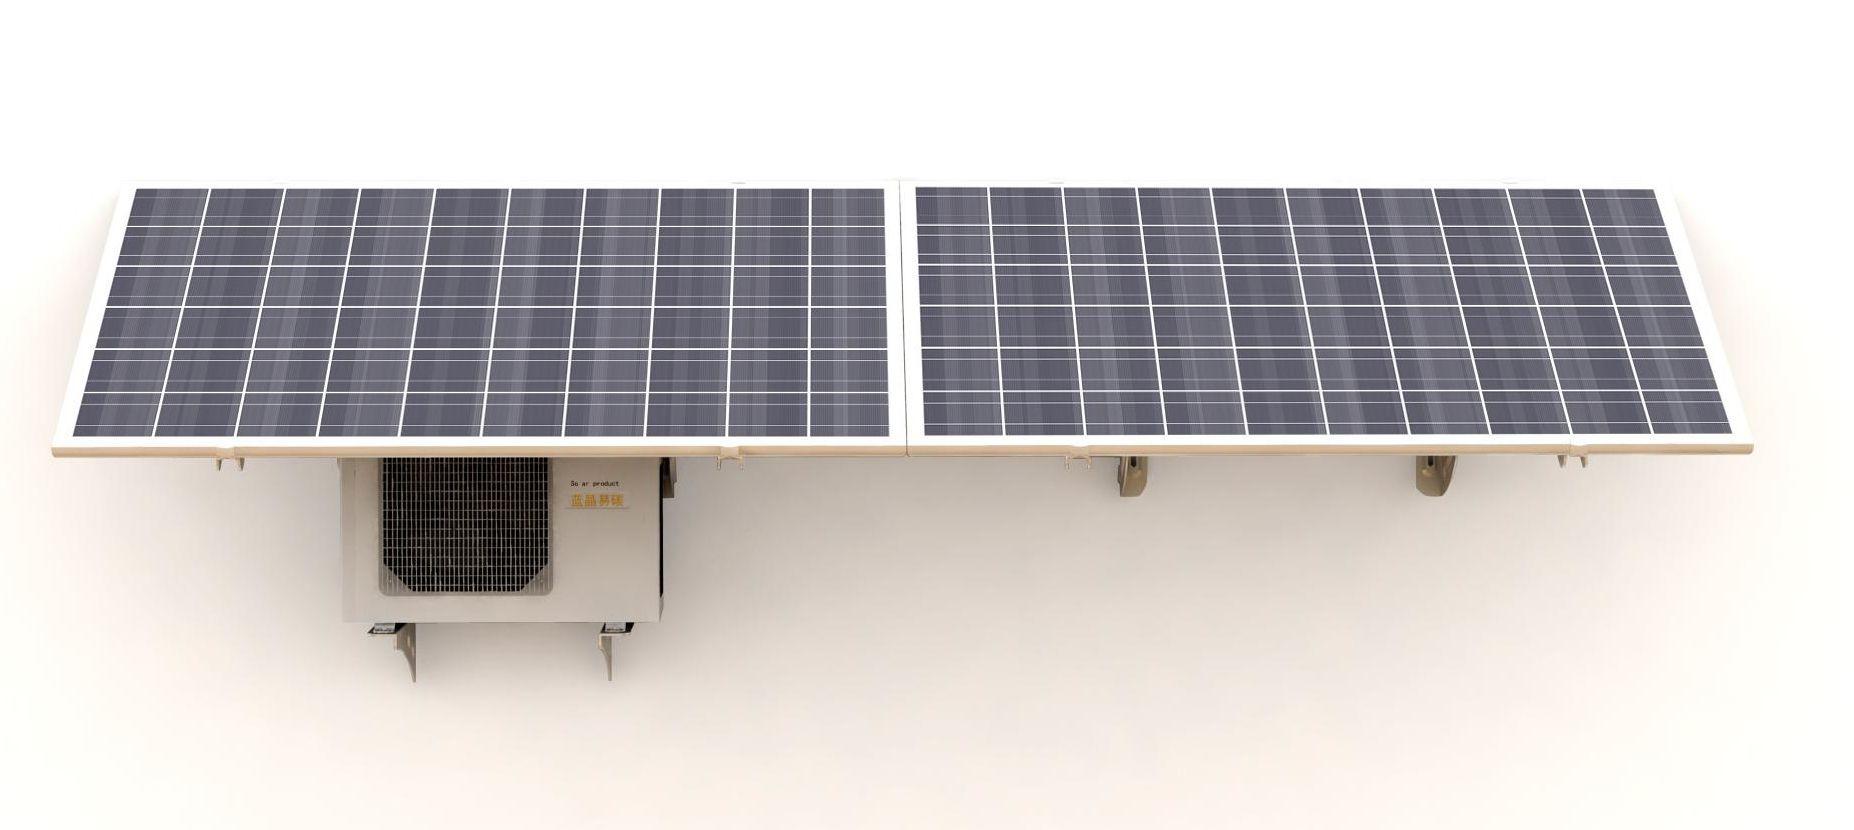 太阳能空调价格—太阳能空调价格介绍